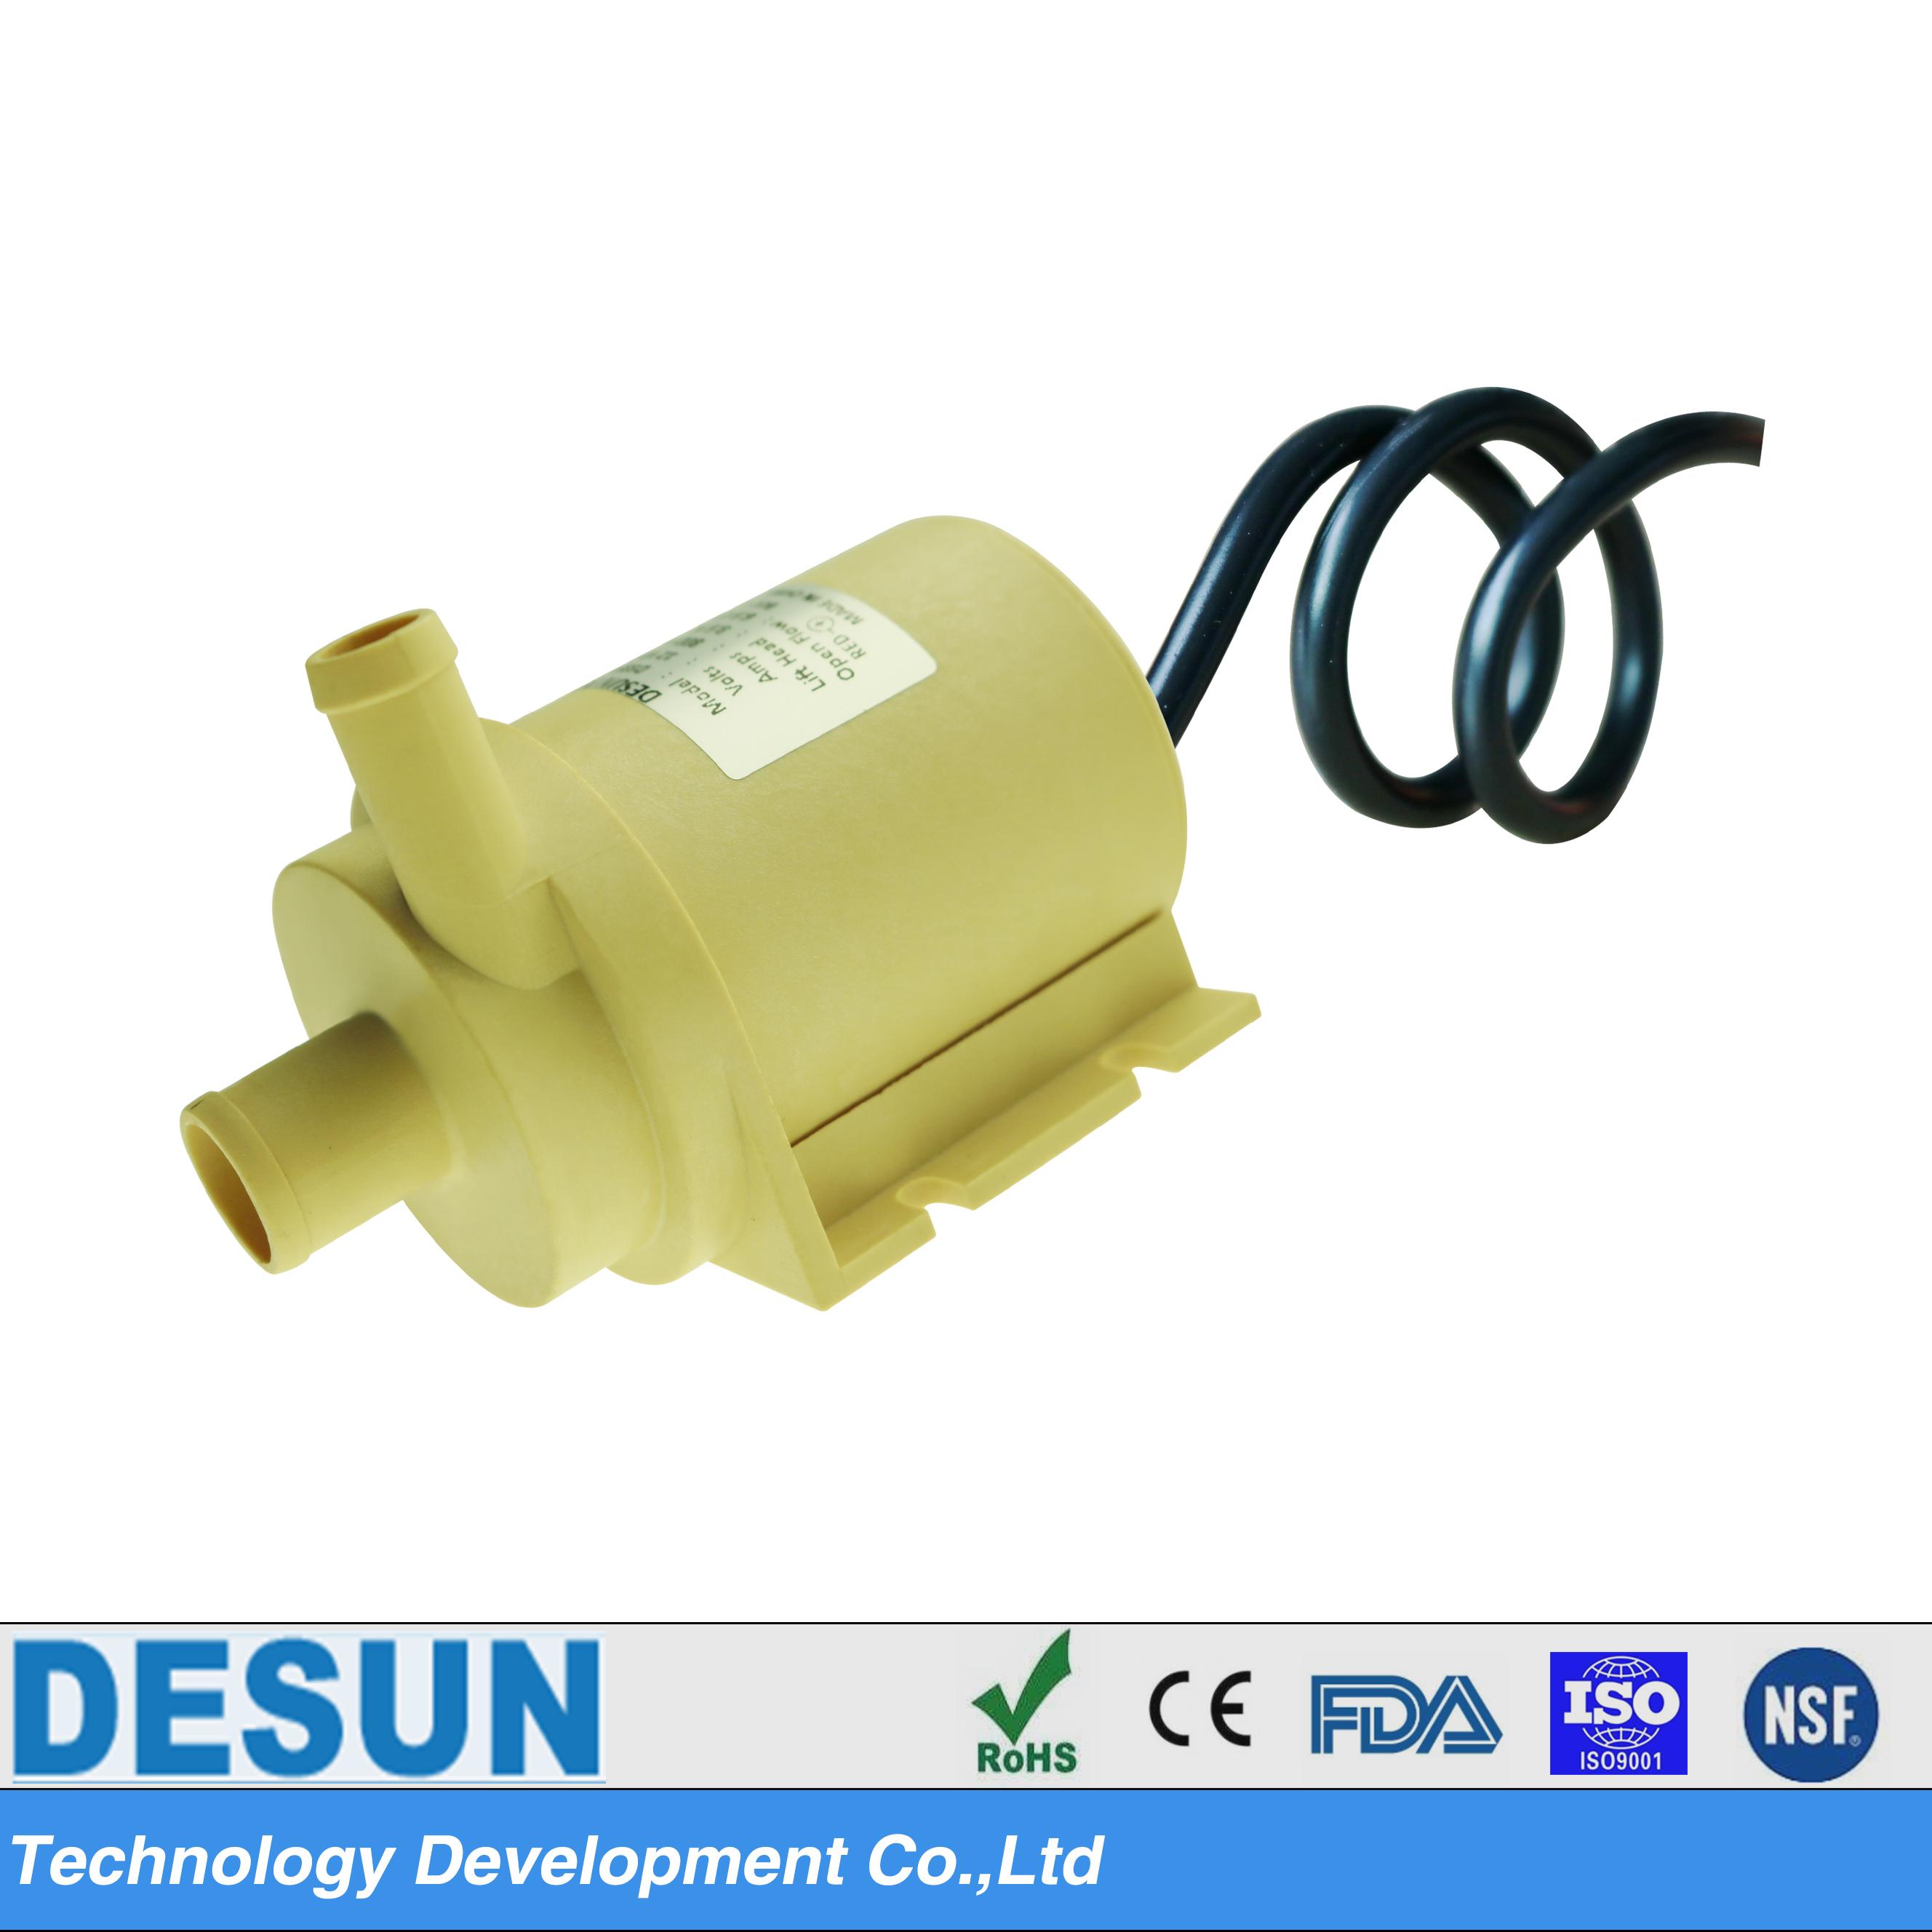 高温食品级微型水泵DS3901HF